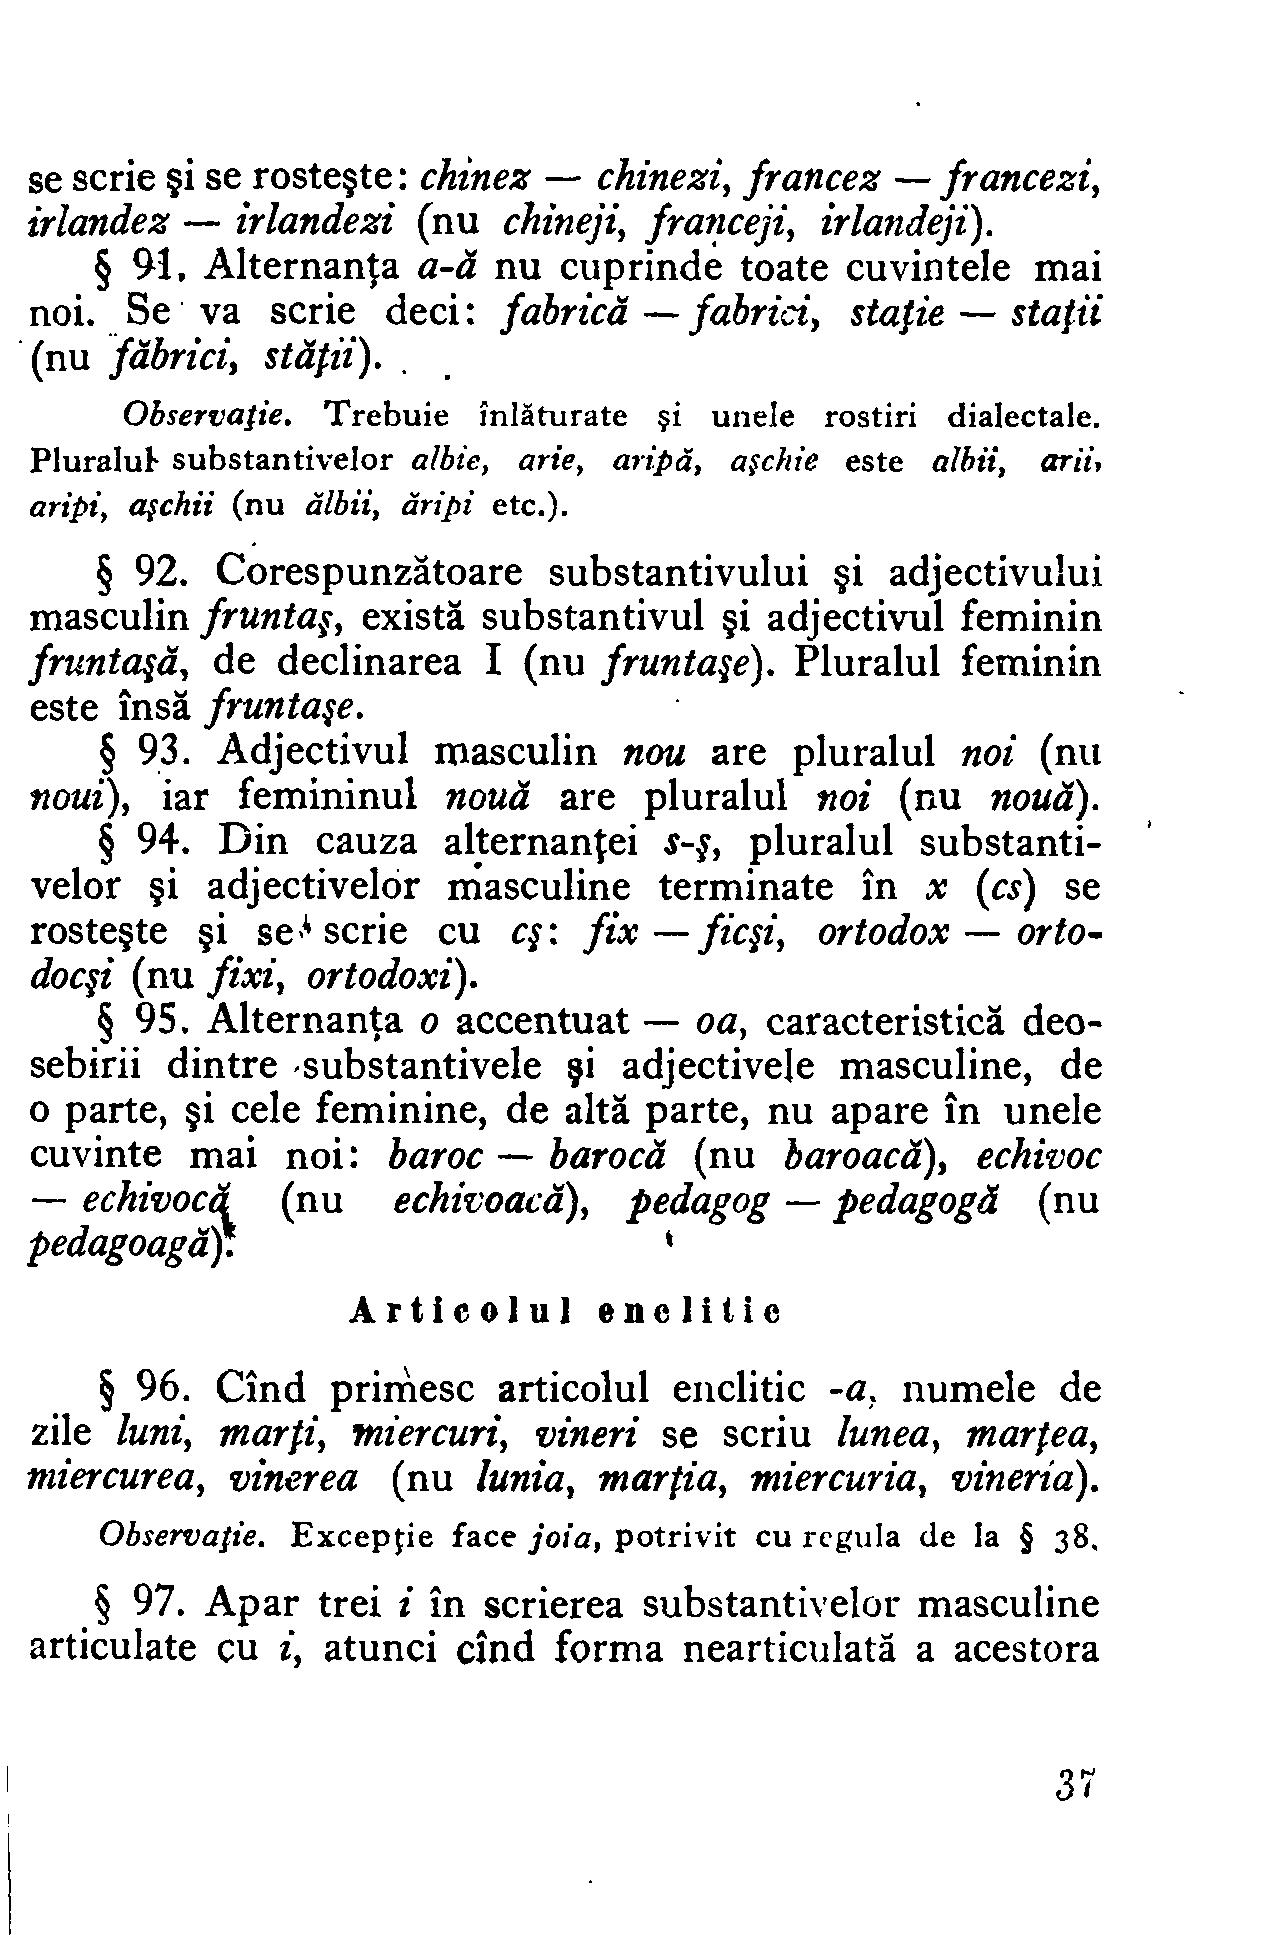 1954 - Mic dicționar ortografic (35).png